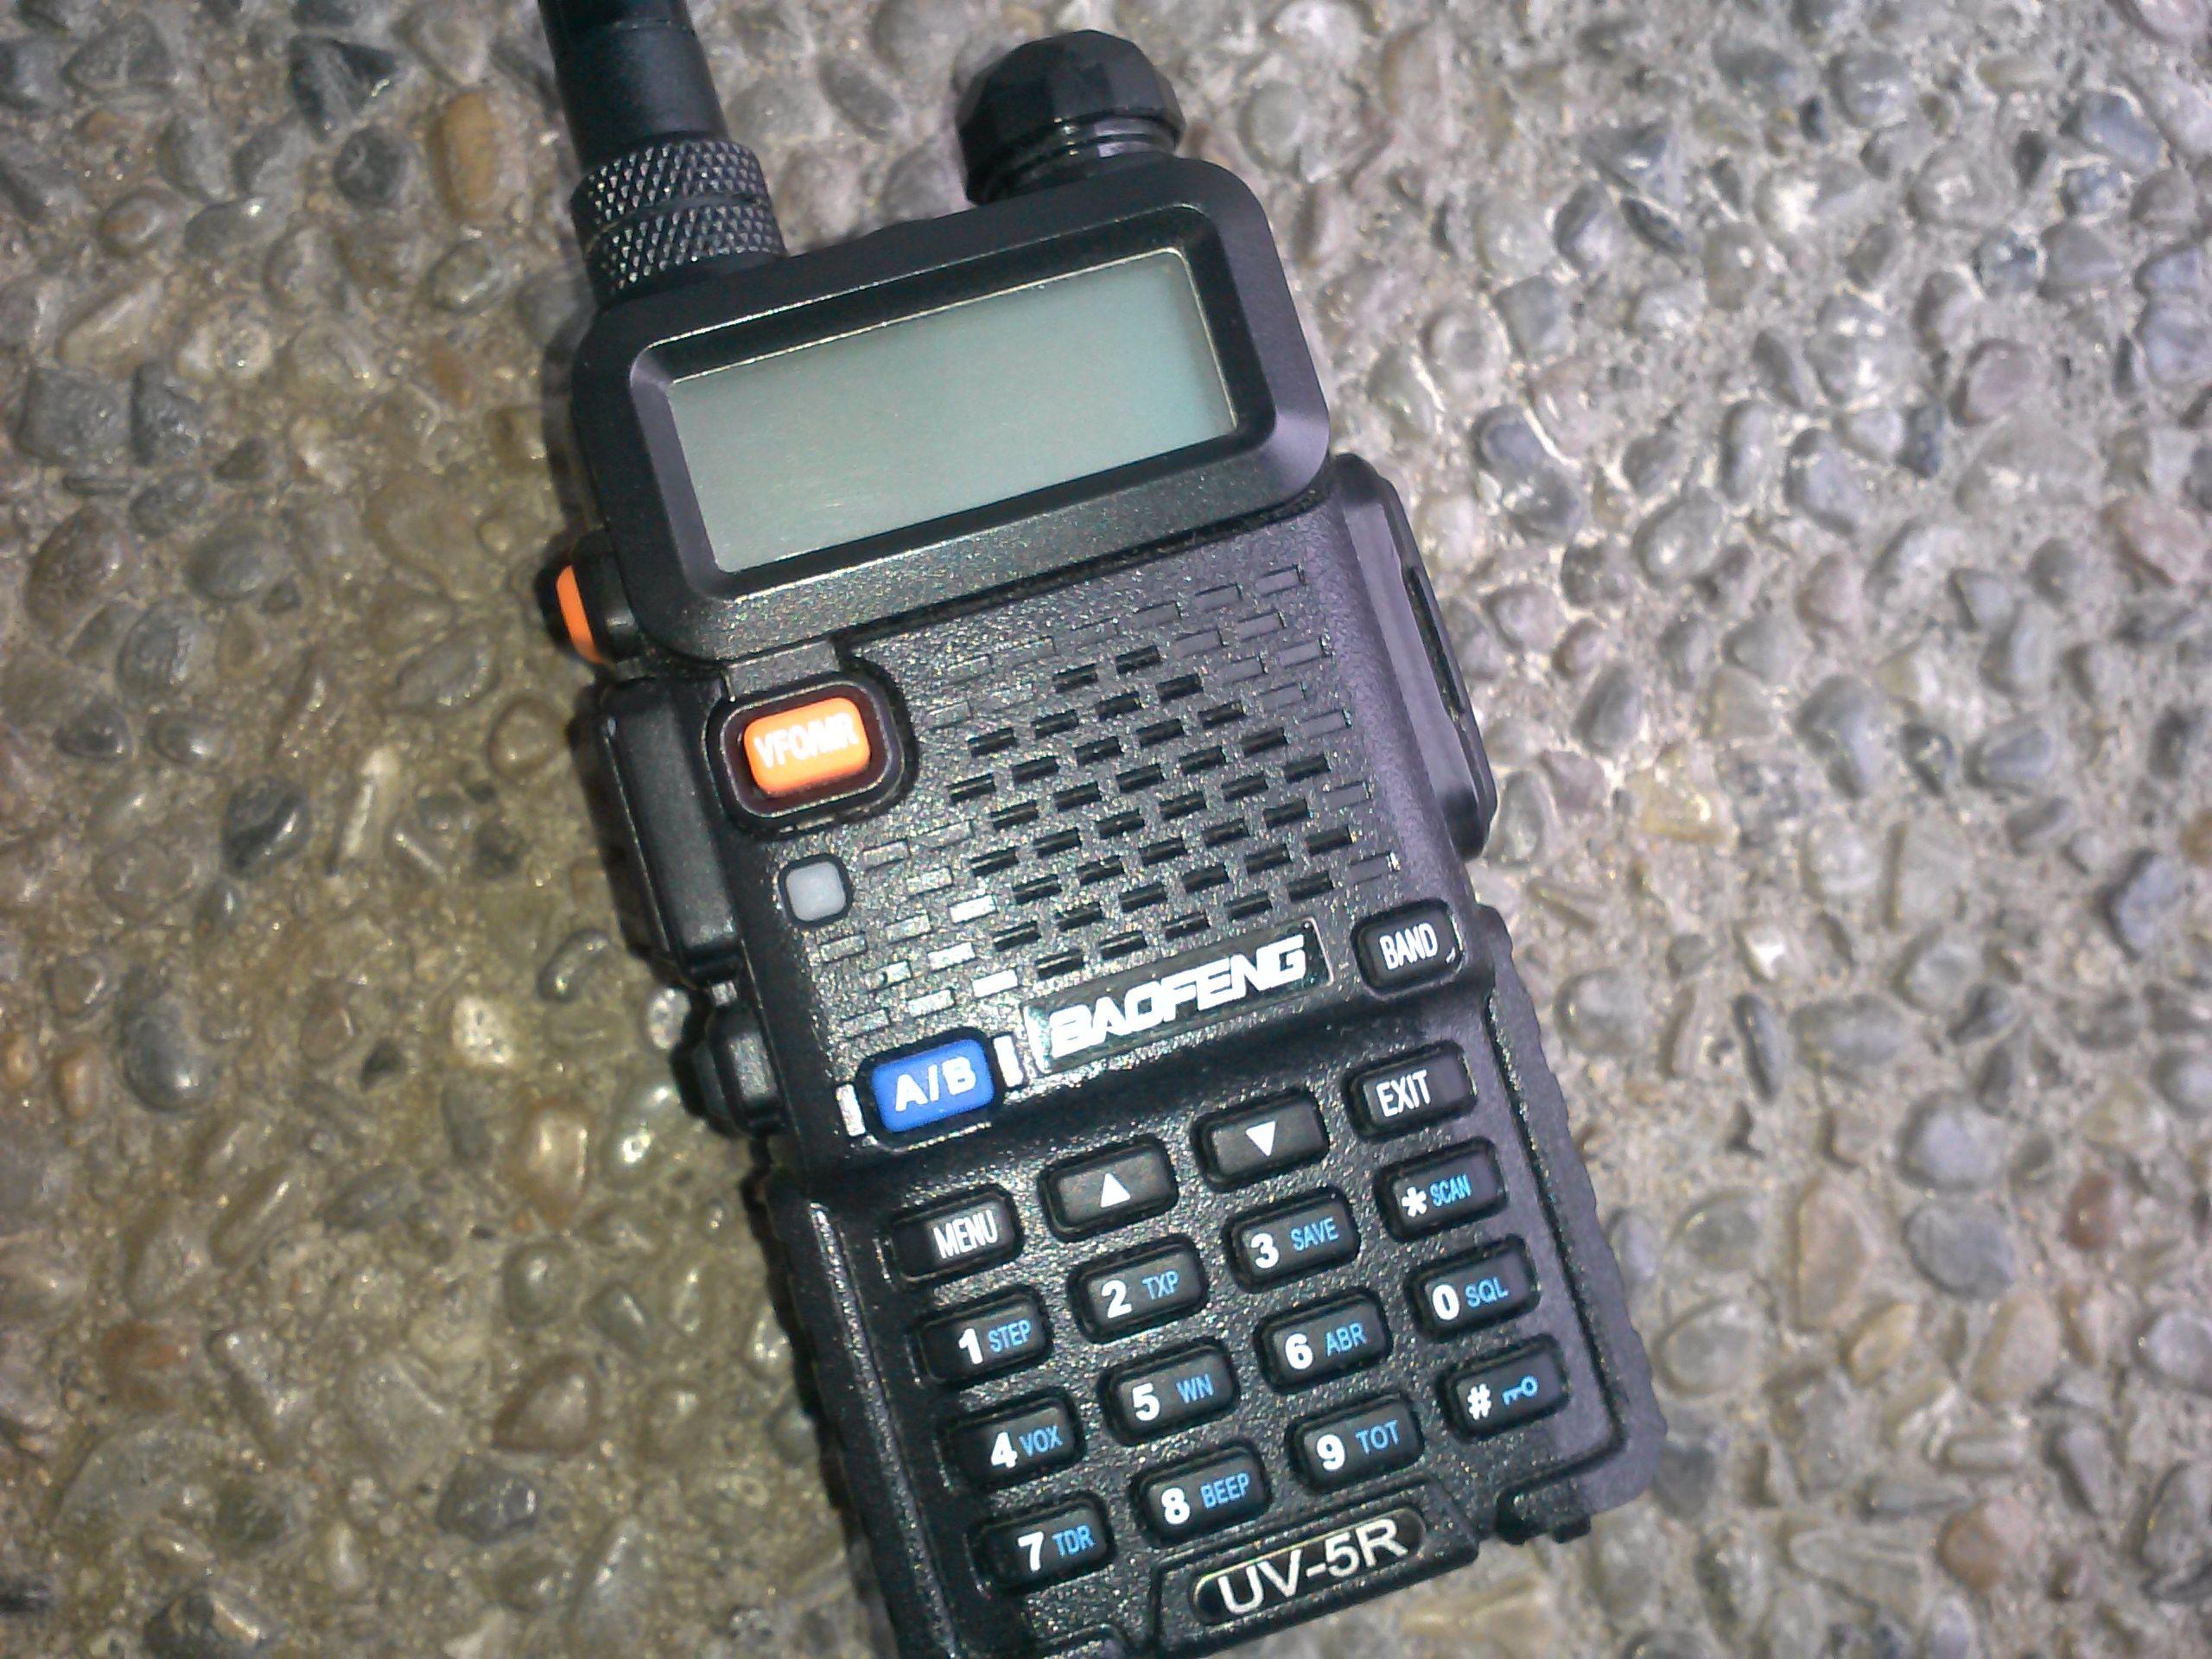 Baofeng For Dummies Uv5r Ham Radio Tutorial Program Ht Bf Dual Band Uhf Vhf Walkie Talkie Amrron